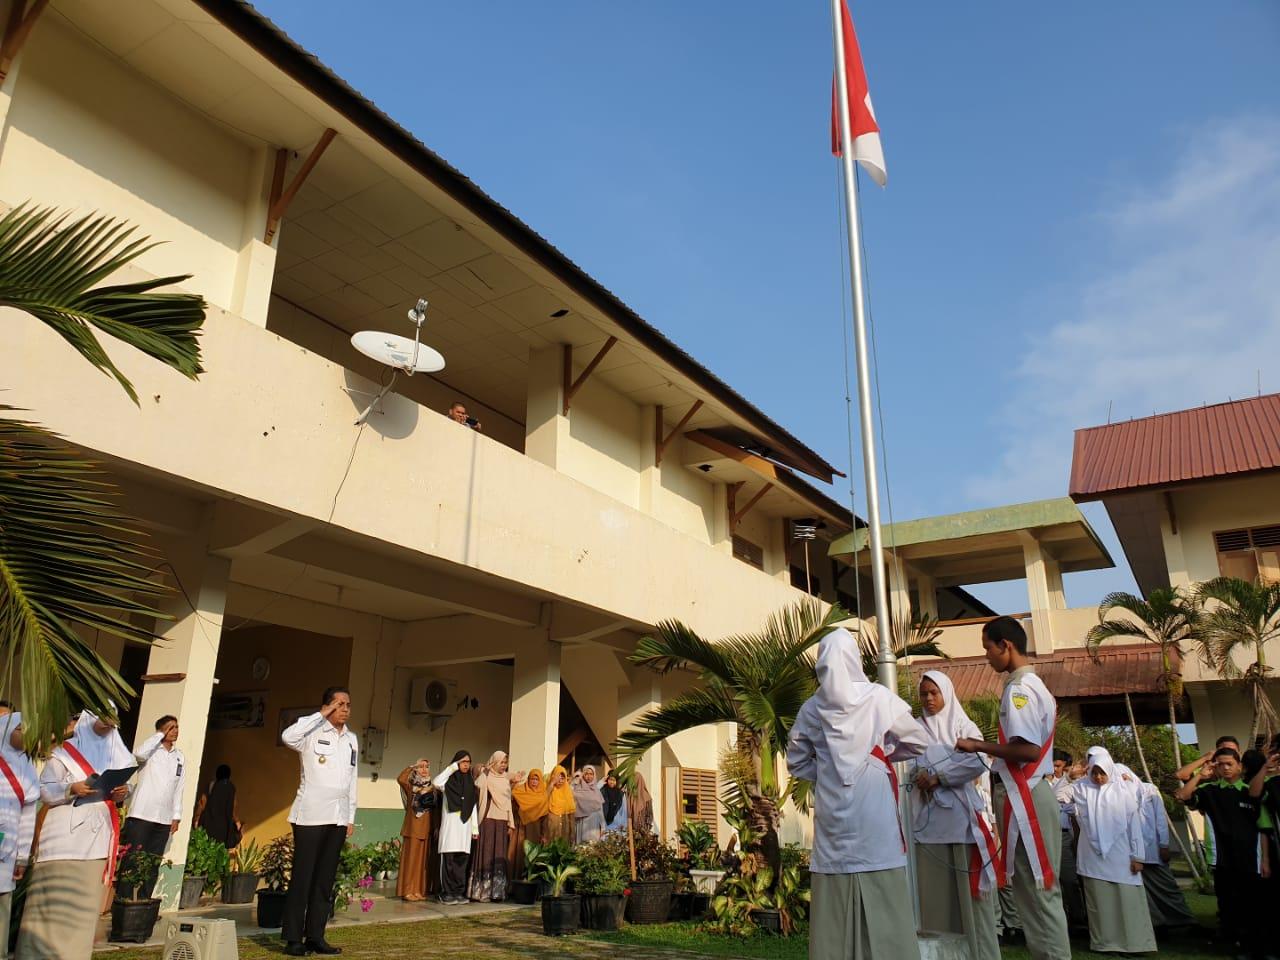 Kepala Bnn Kota Banda Aceh Jadi Pembina Upacara Di Smk Telkom